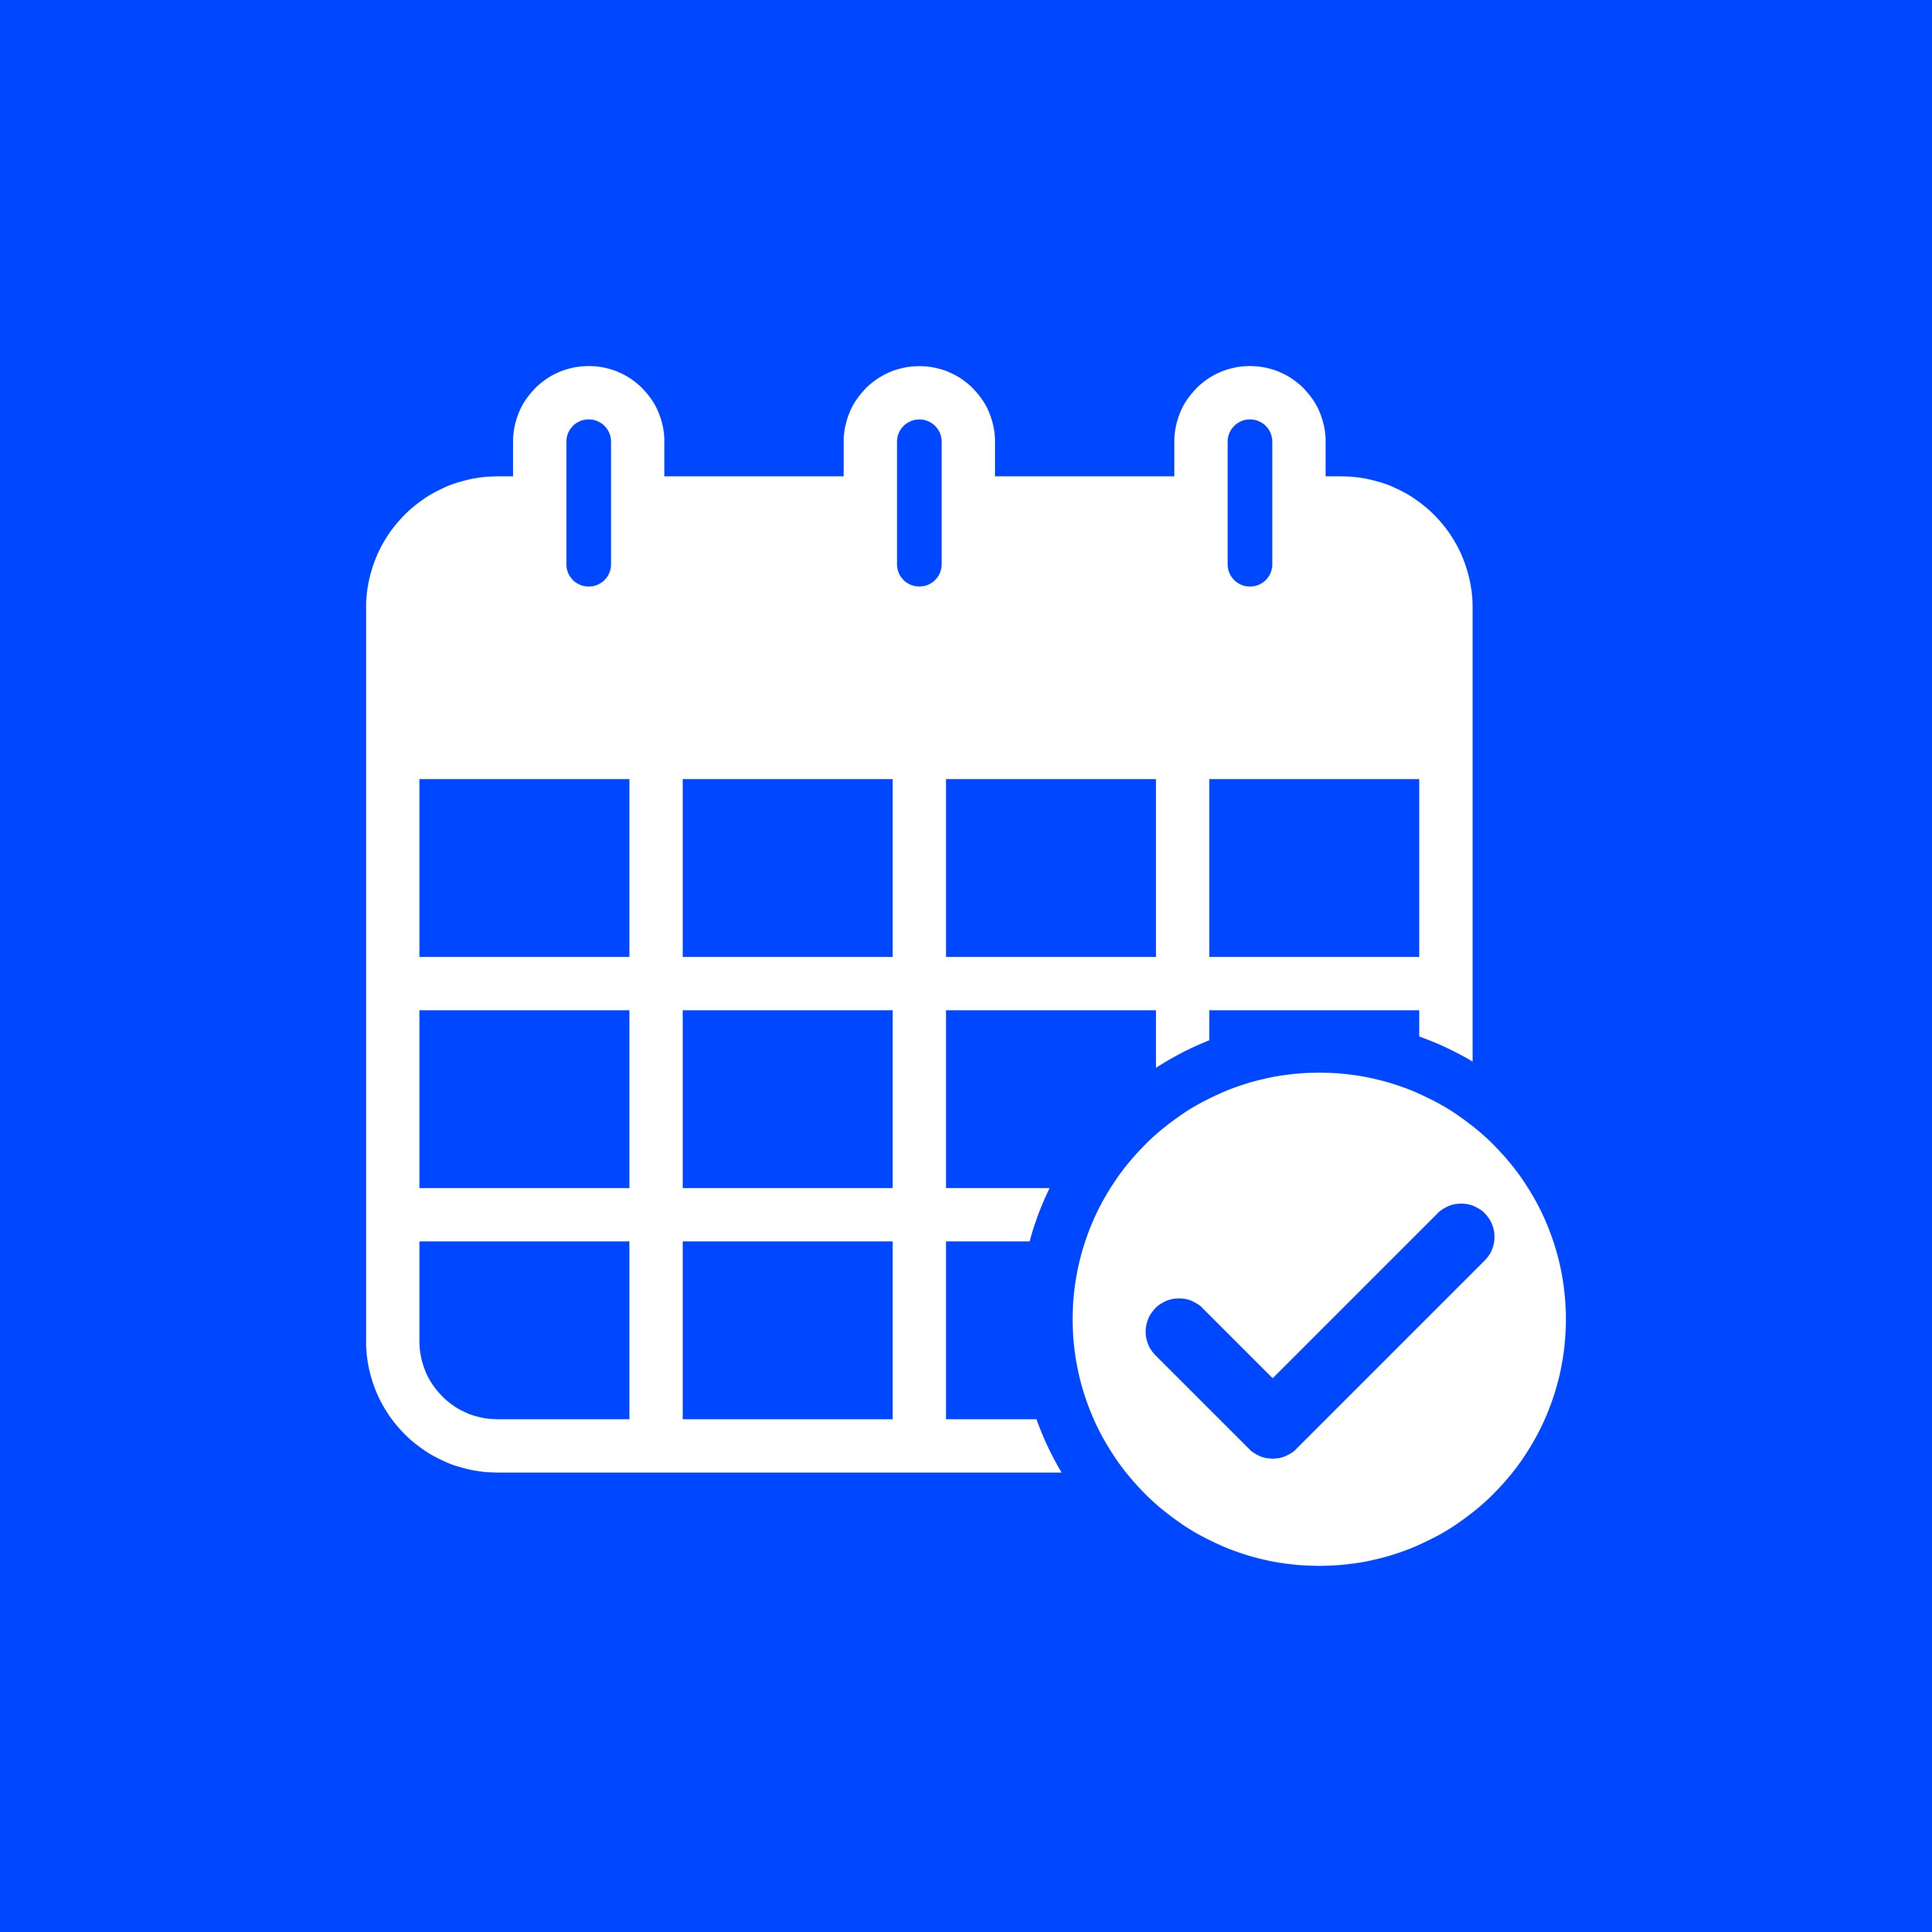 a blue and white calendar symbol